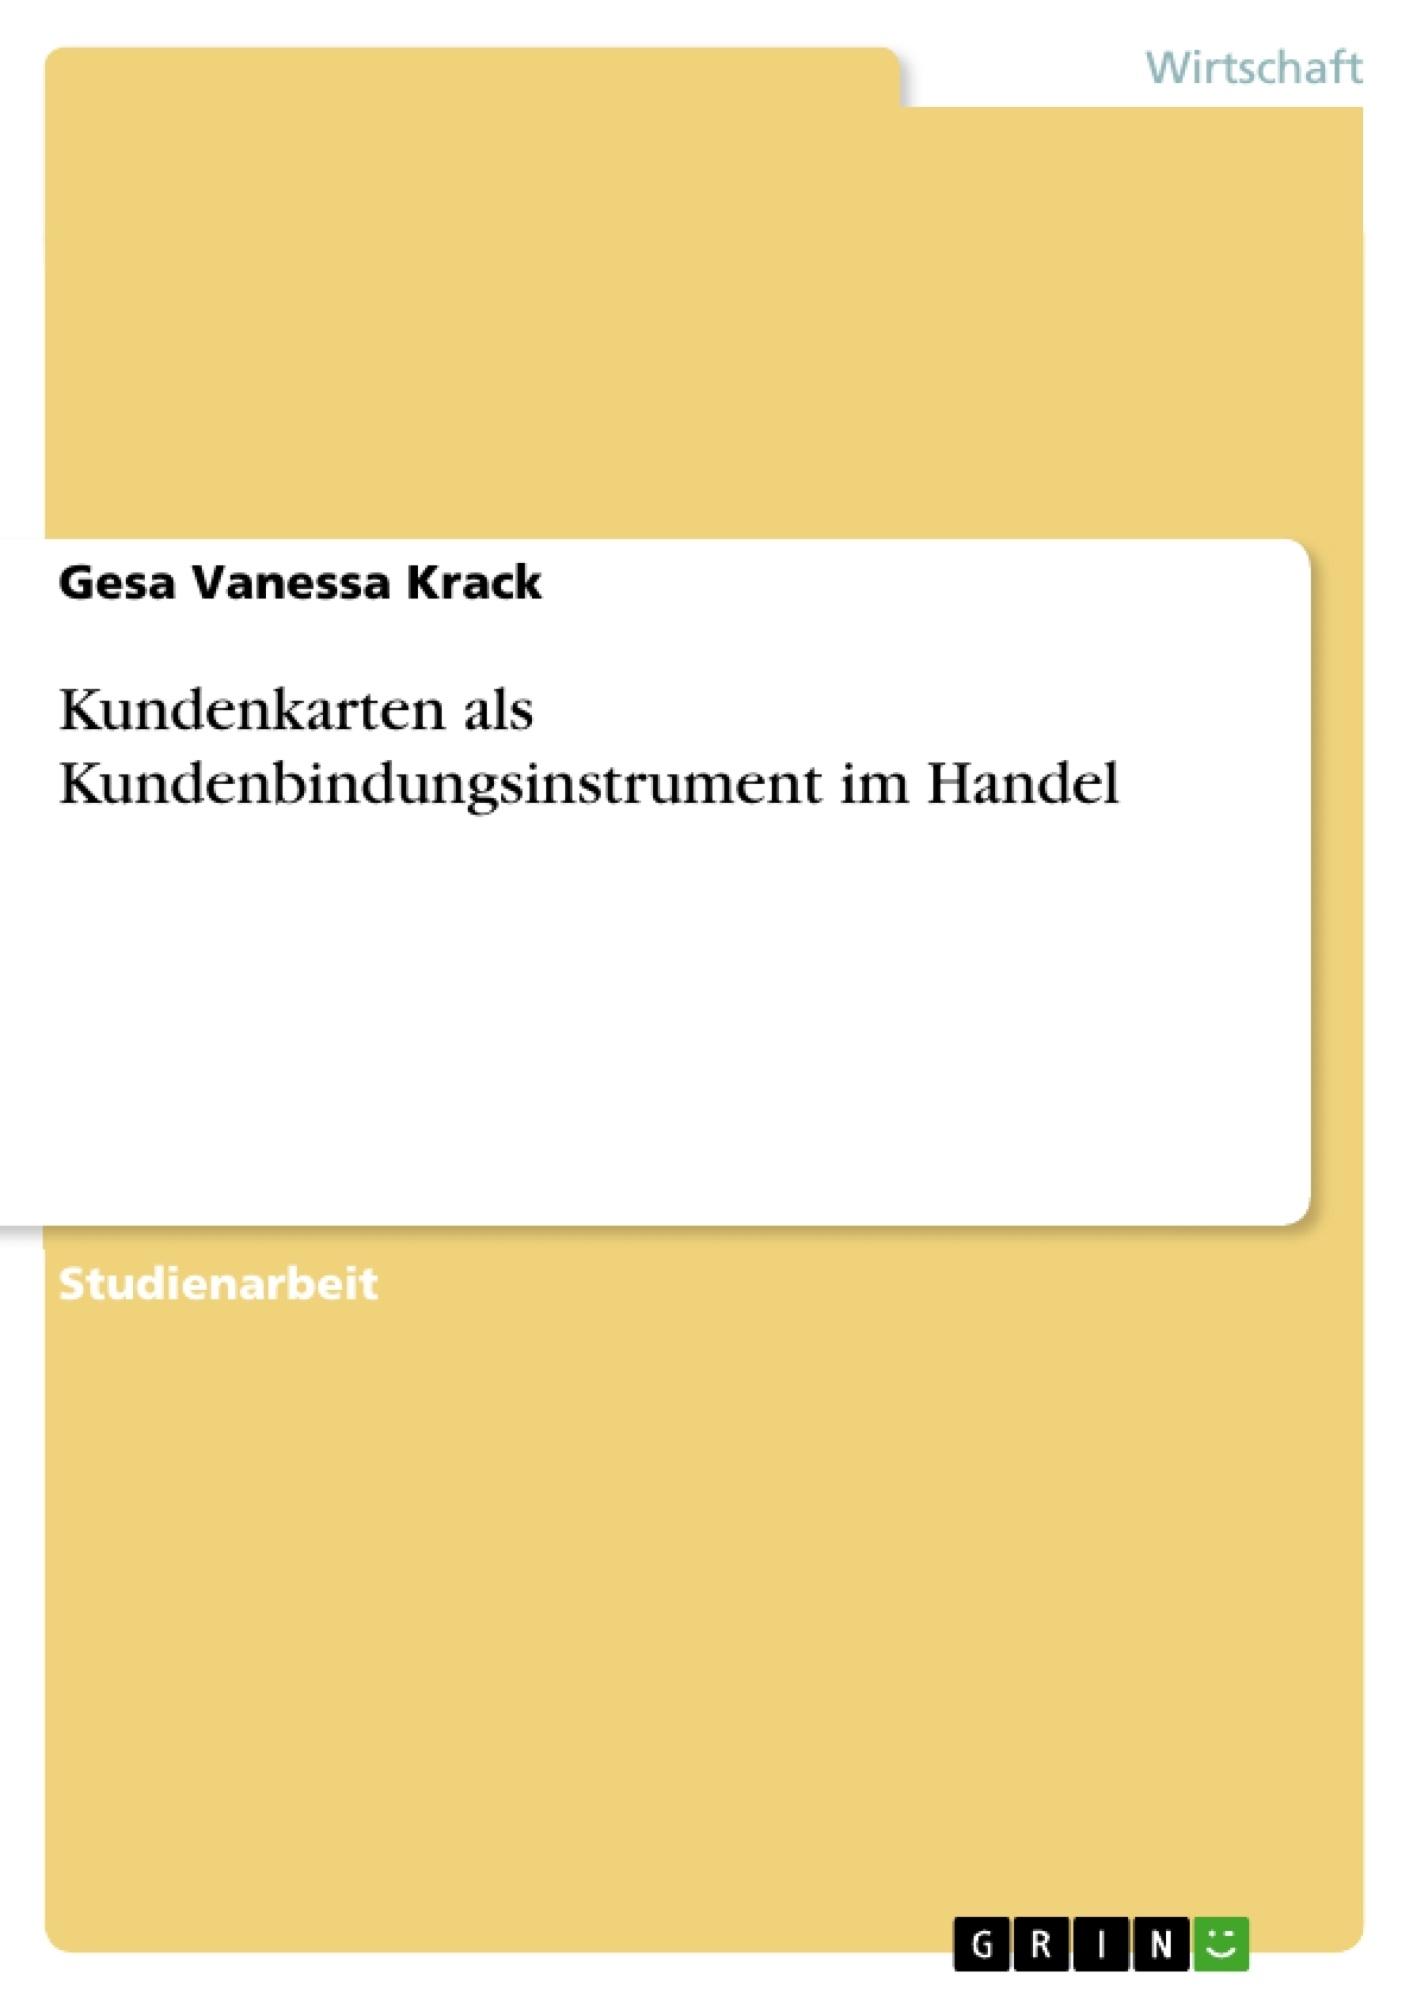 Titel: Kundenkarten als Kundenbindungsinstrument im Handel